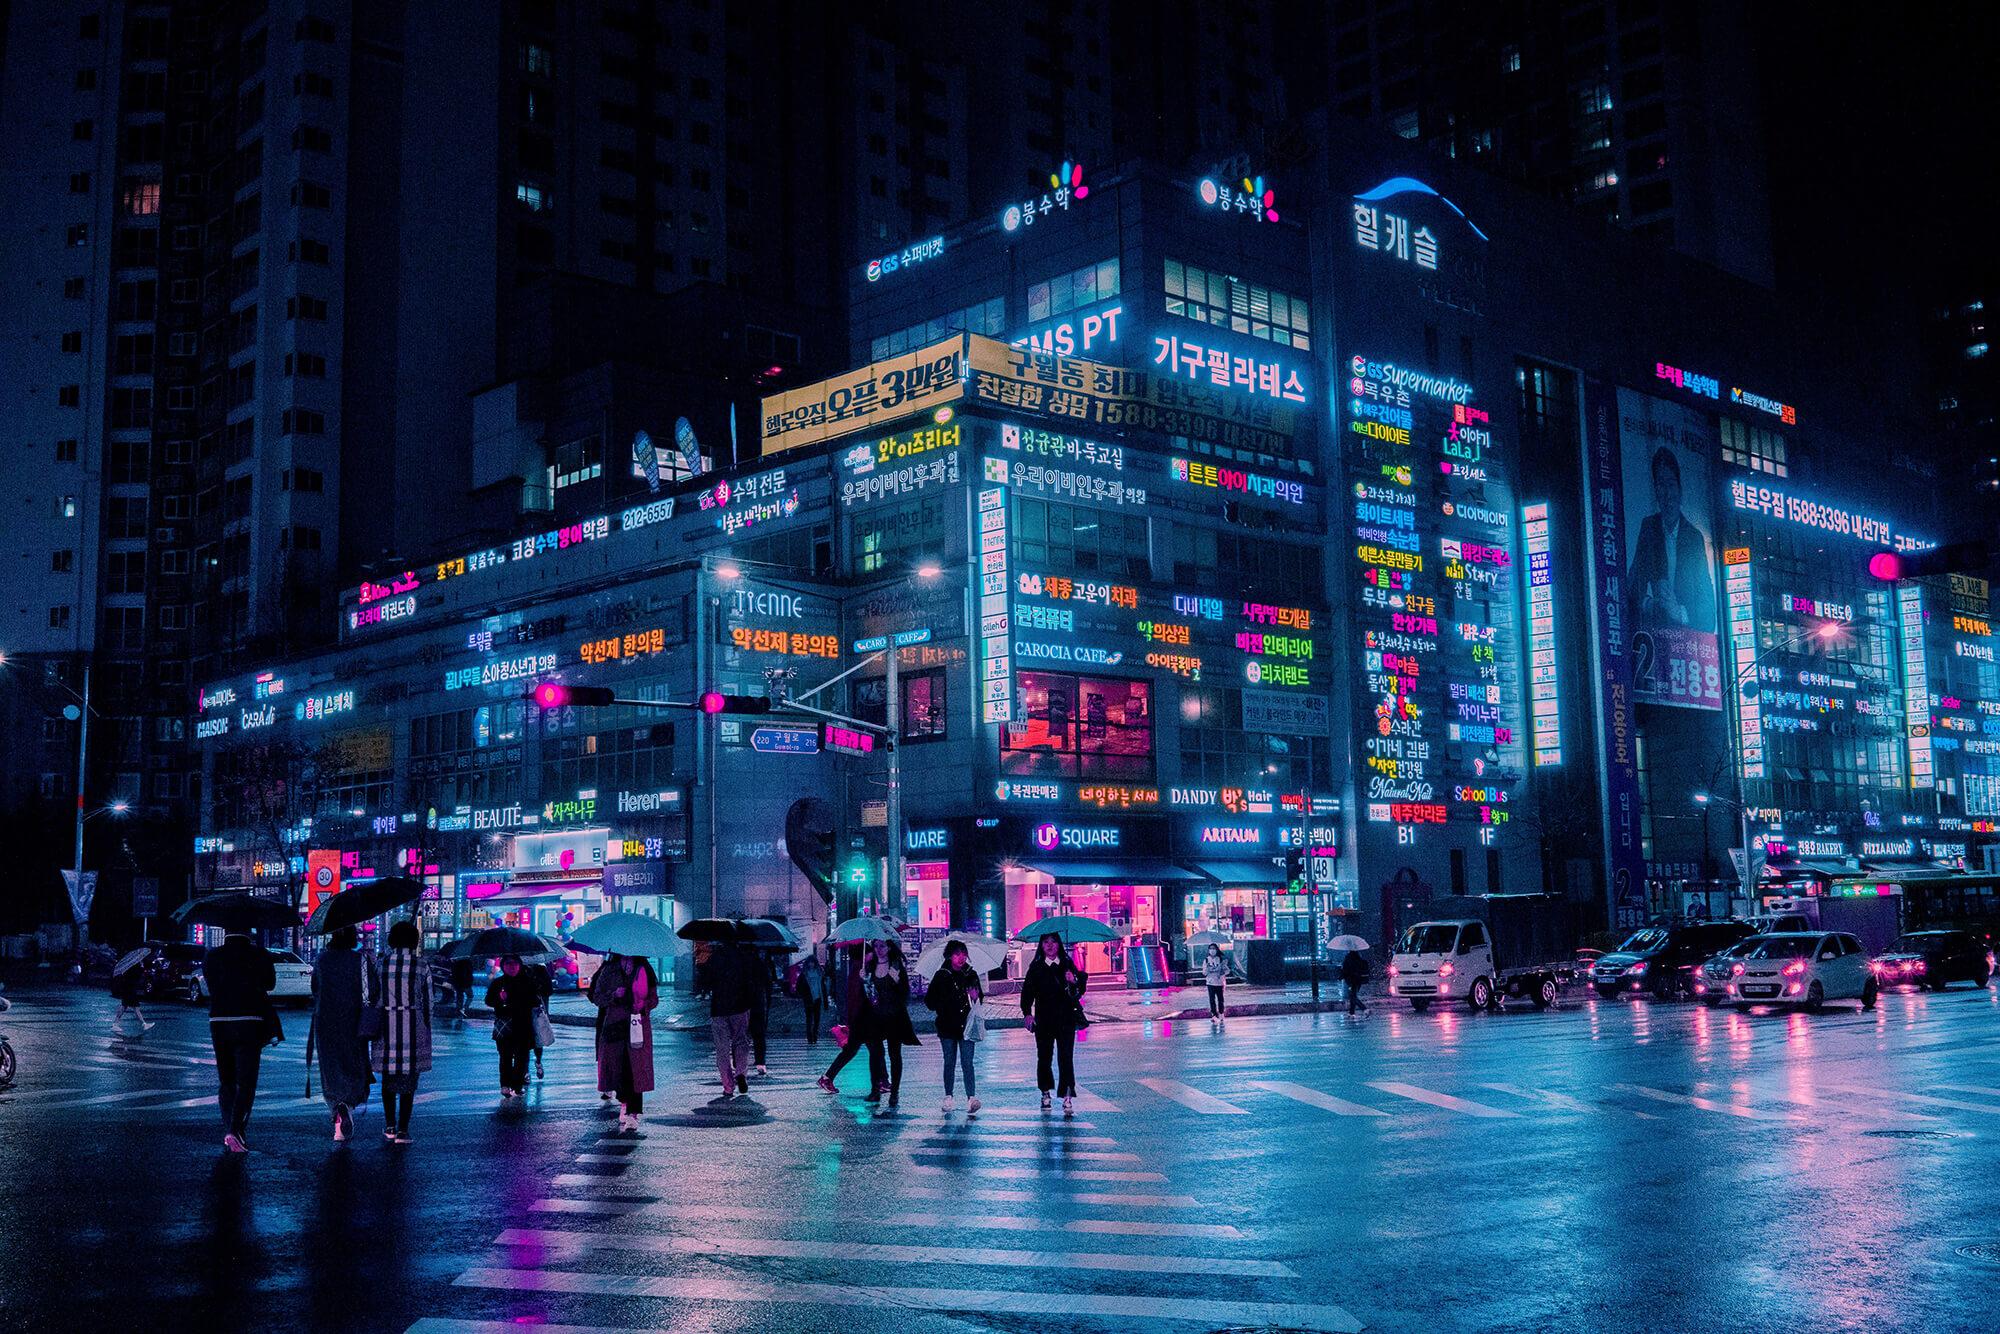 韓国でネット(デジタル)広告を配信するための基礎知識 | 韓国広告市場の最新事情を解説